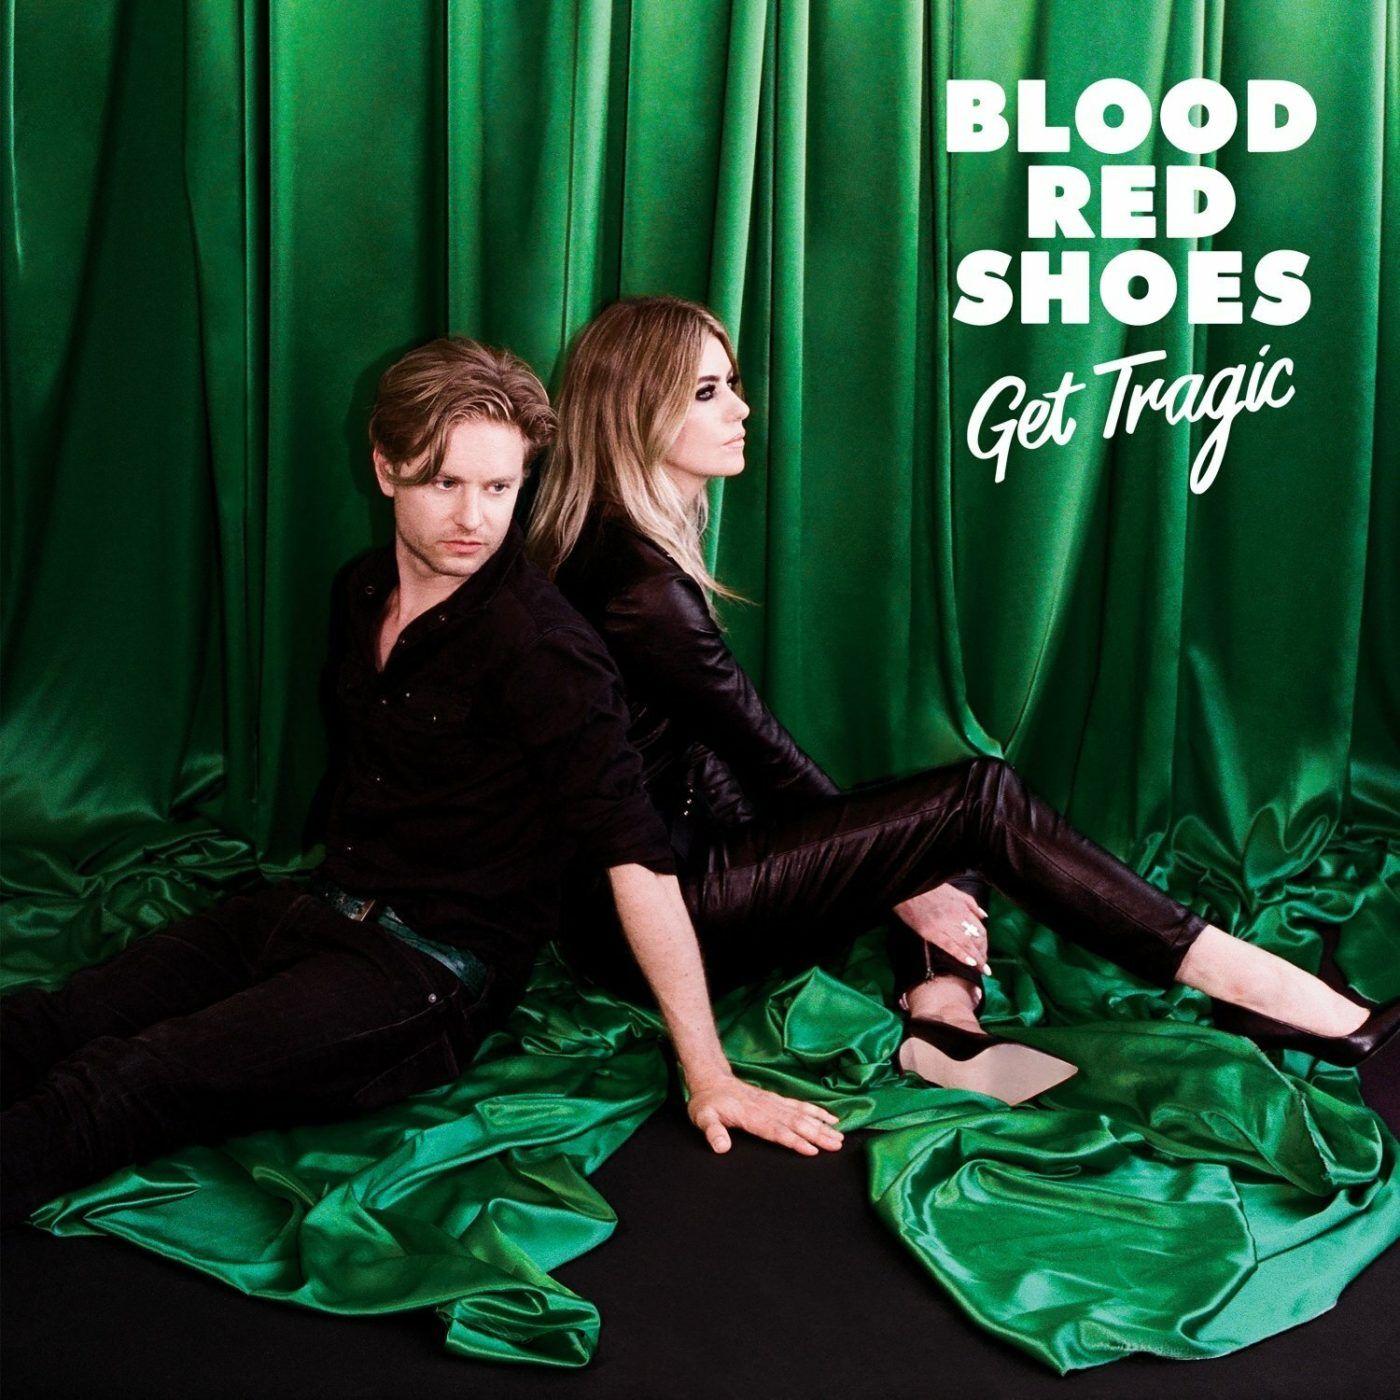 Рецензия на альбом группы Blood Red Shoes - Get Tragic (2019)